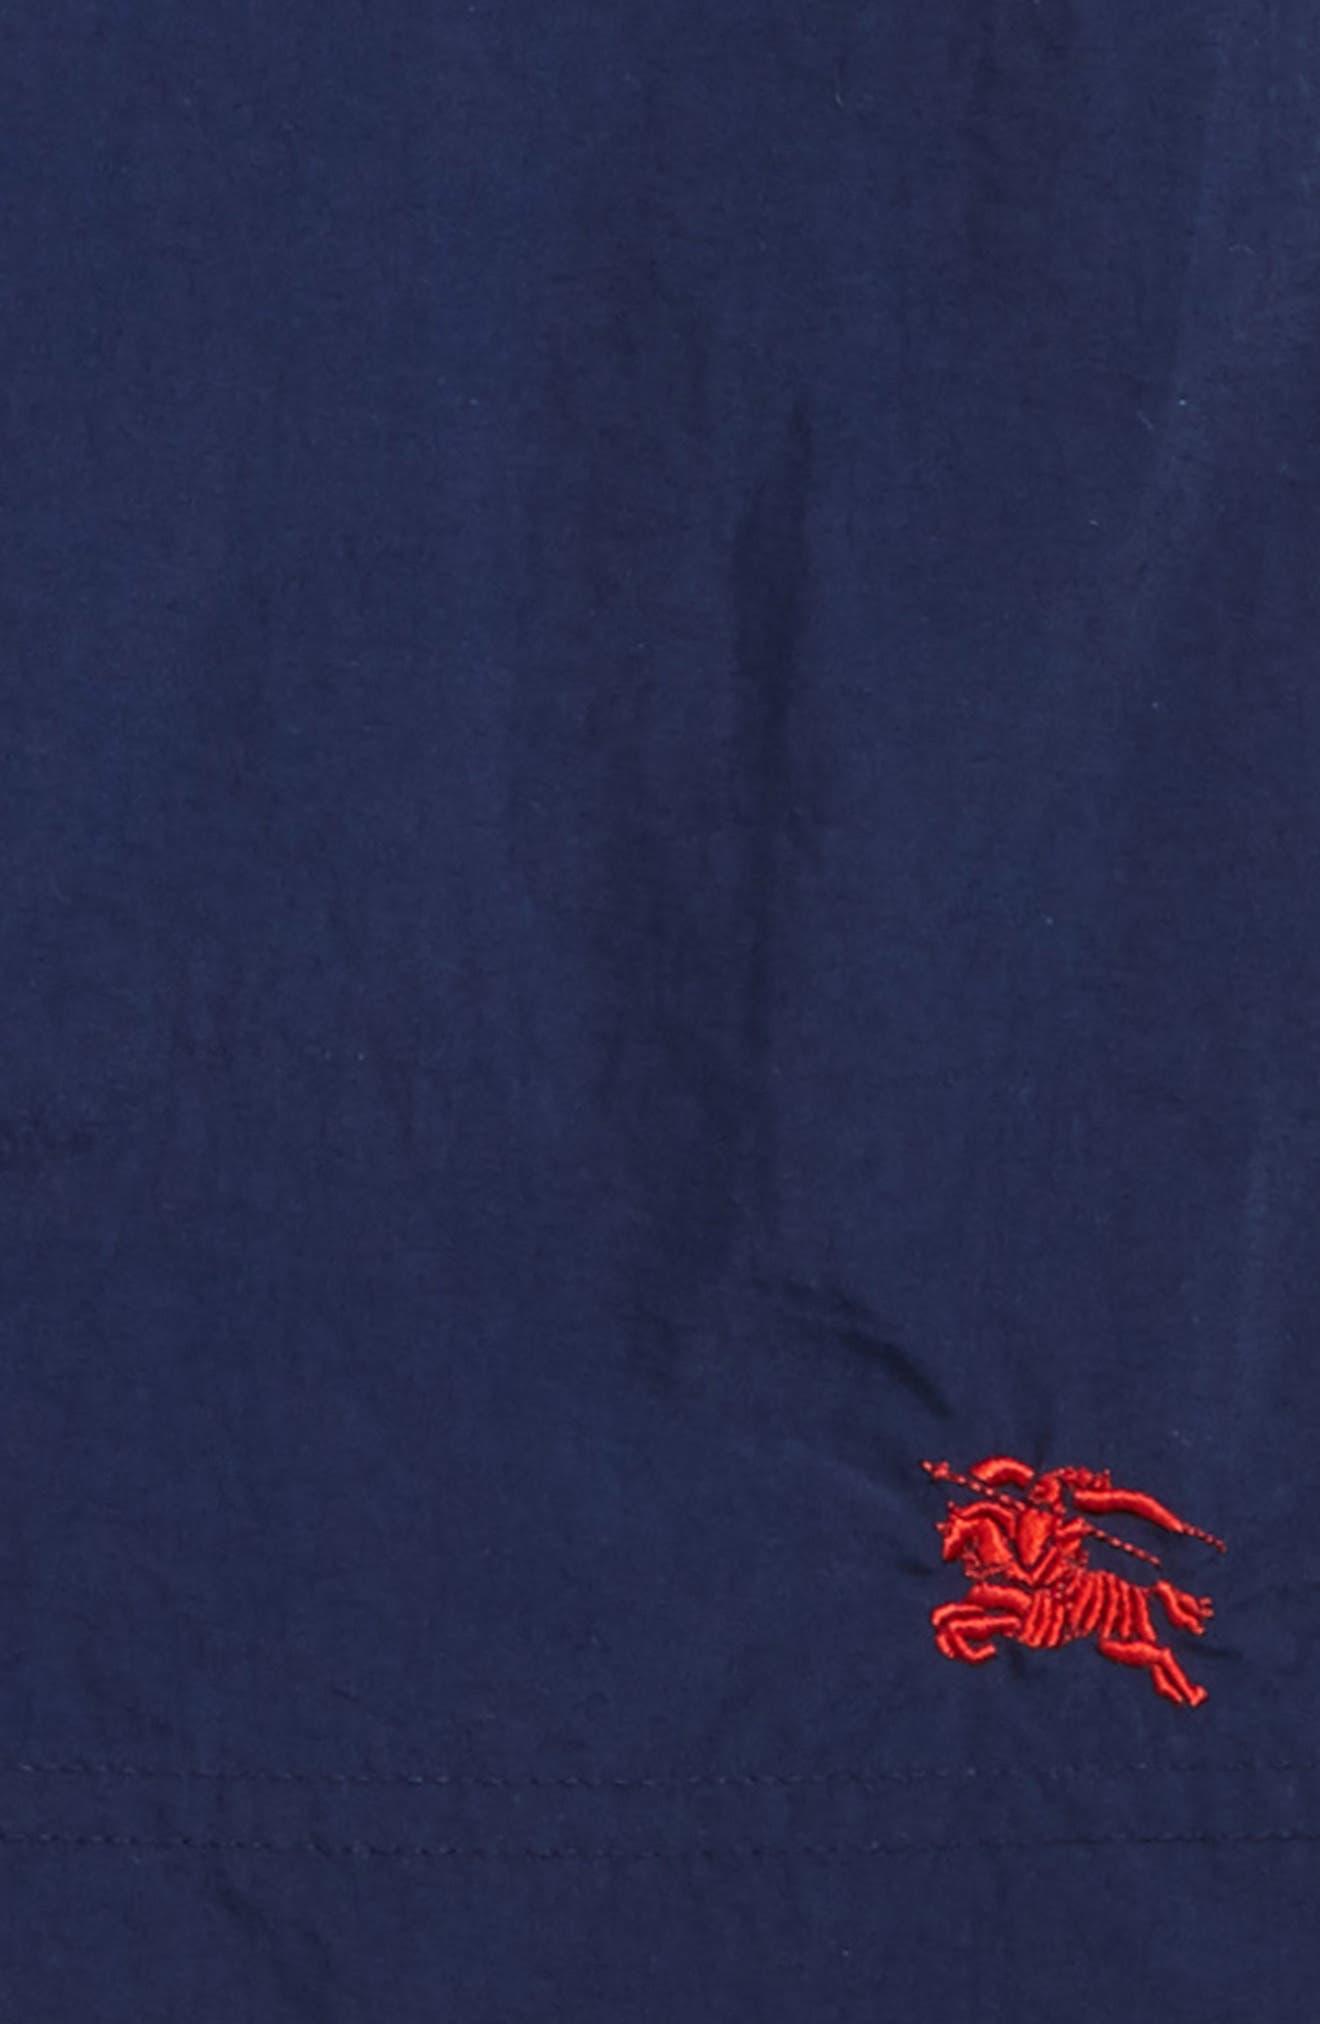 Galvin Swim Trunks,                             Alternate thumbnail 2, color,                             409